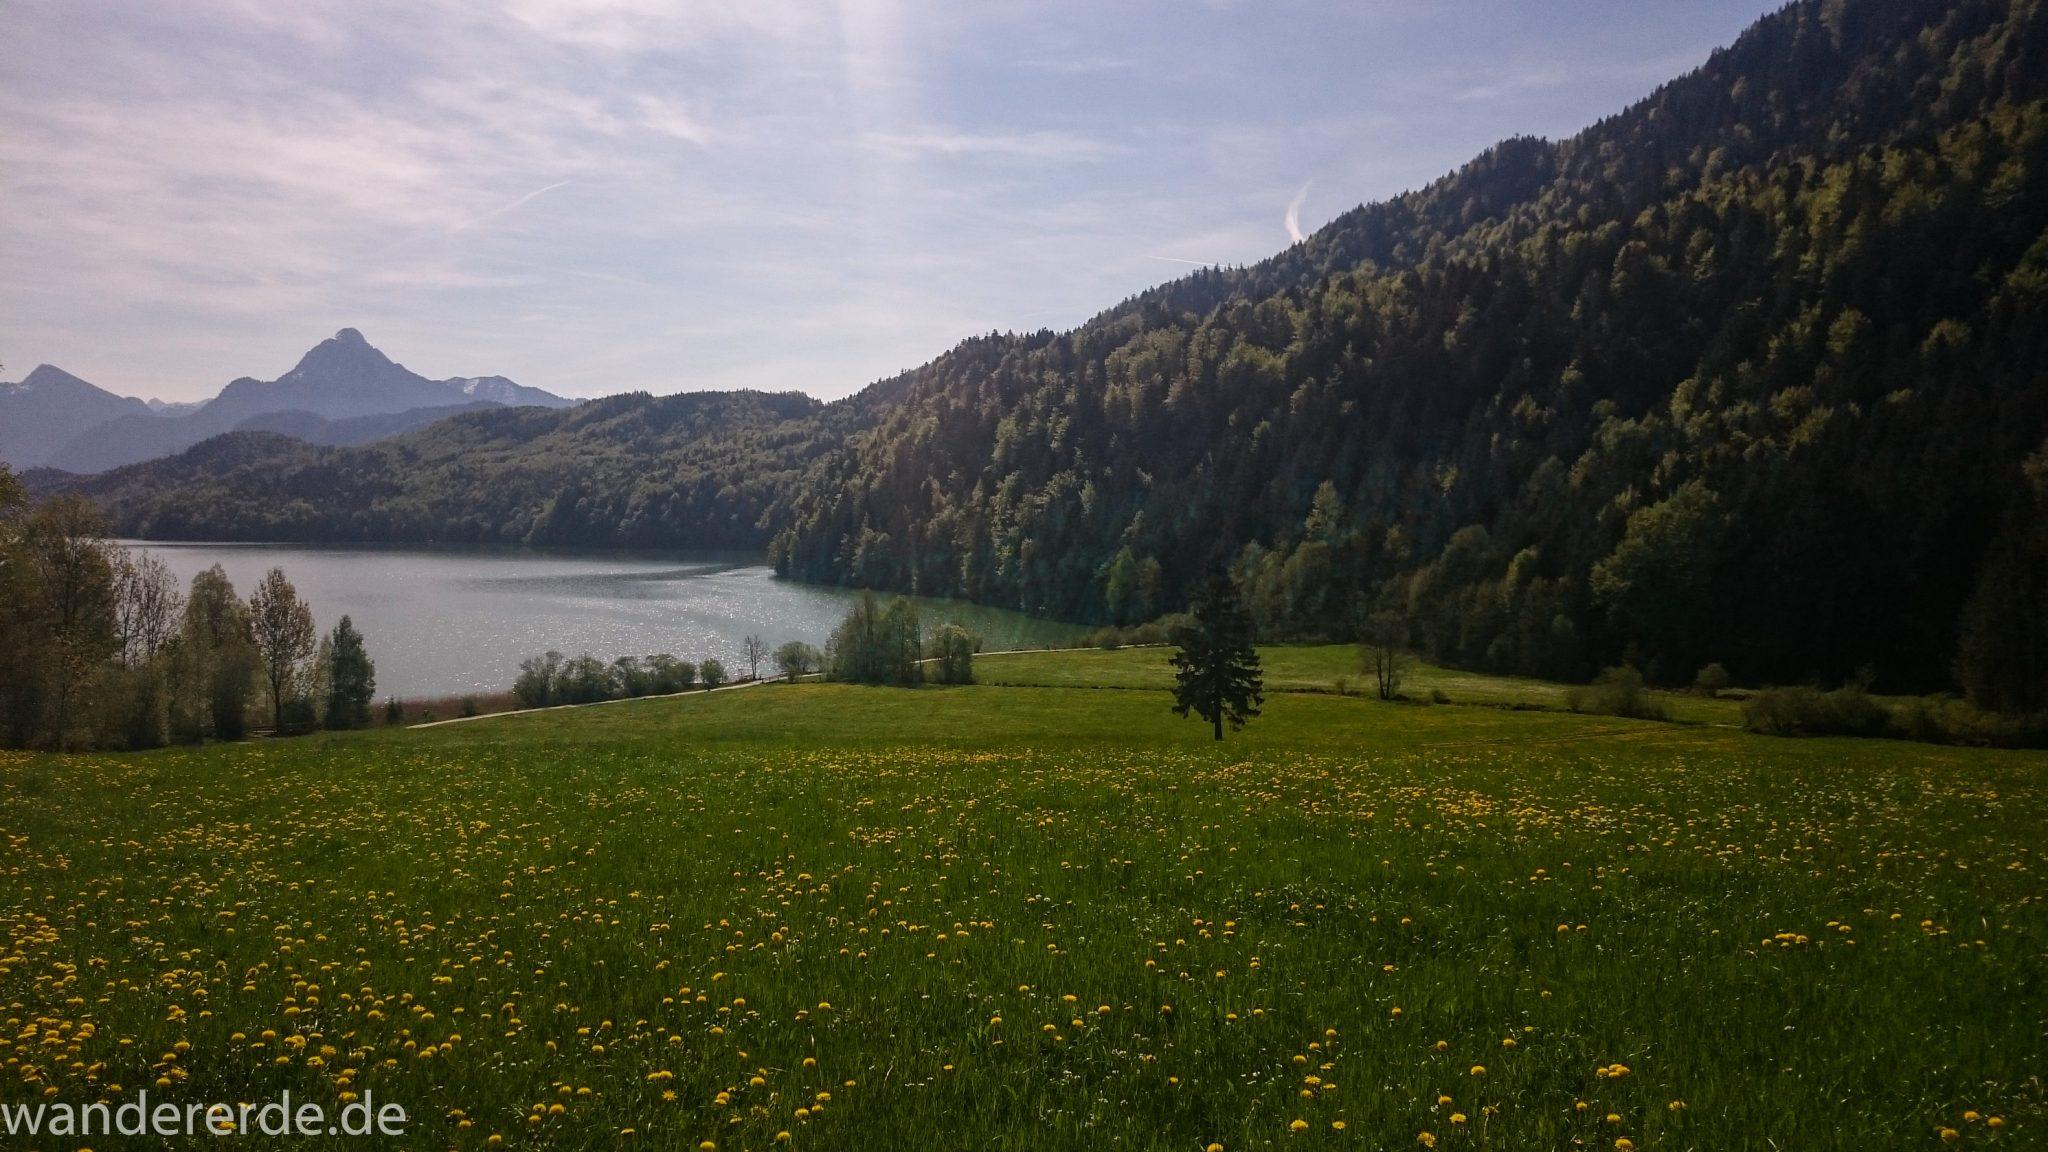 Ufer des Weissensee, Baum im schönen Wald und saftig grüne blühende Wiesen, blauer strahlender Himmel